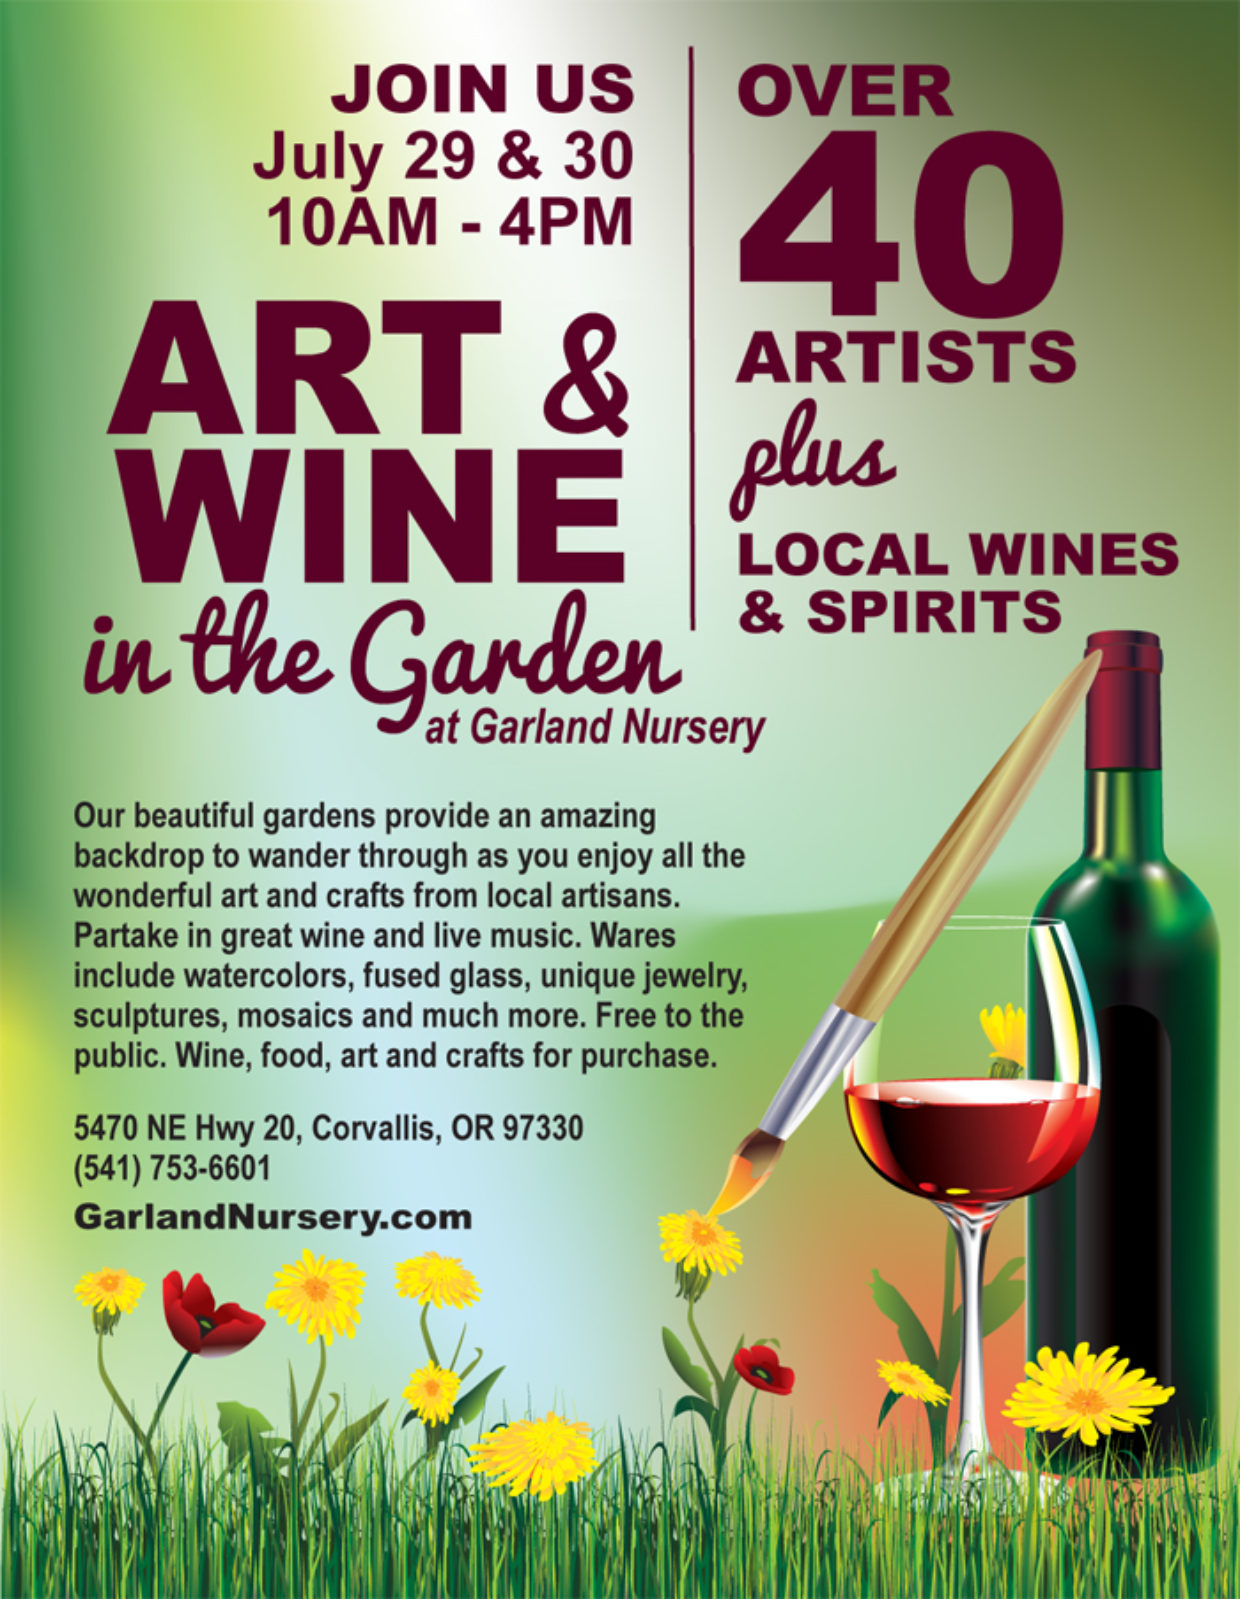 Art & Wine in the Garden at Garland Nursery